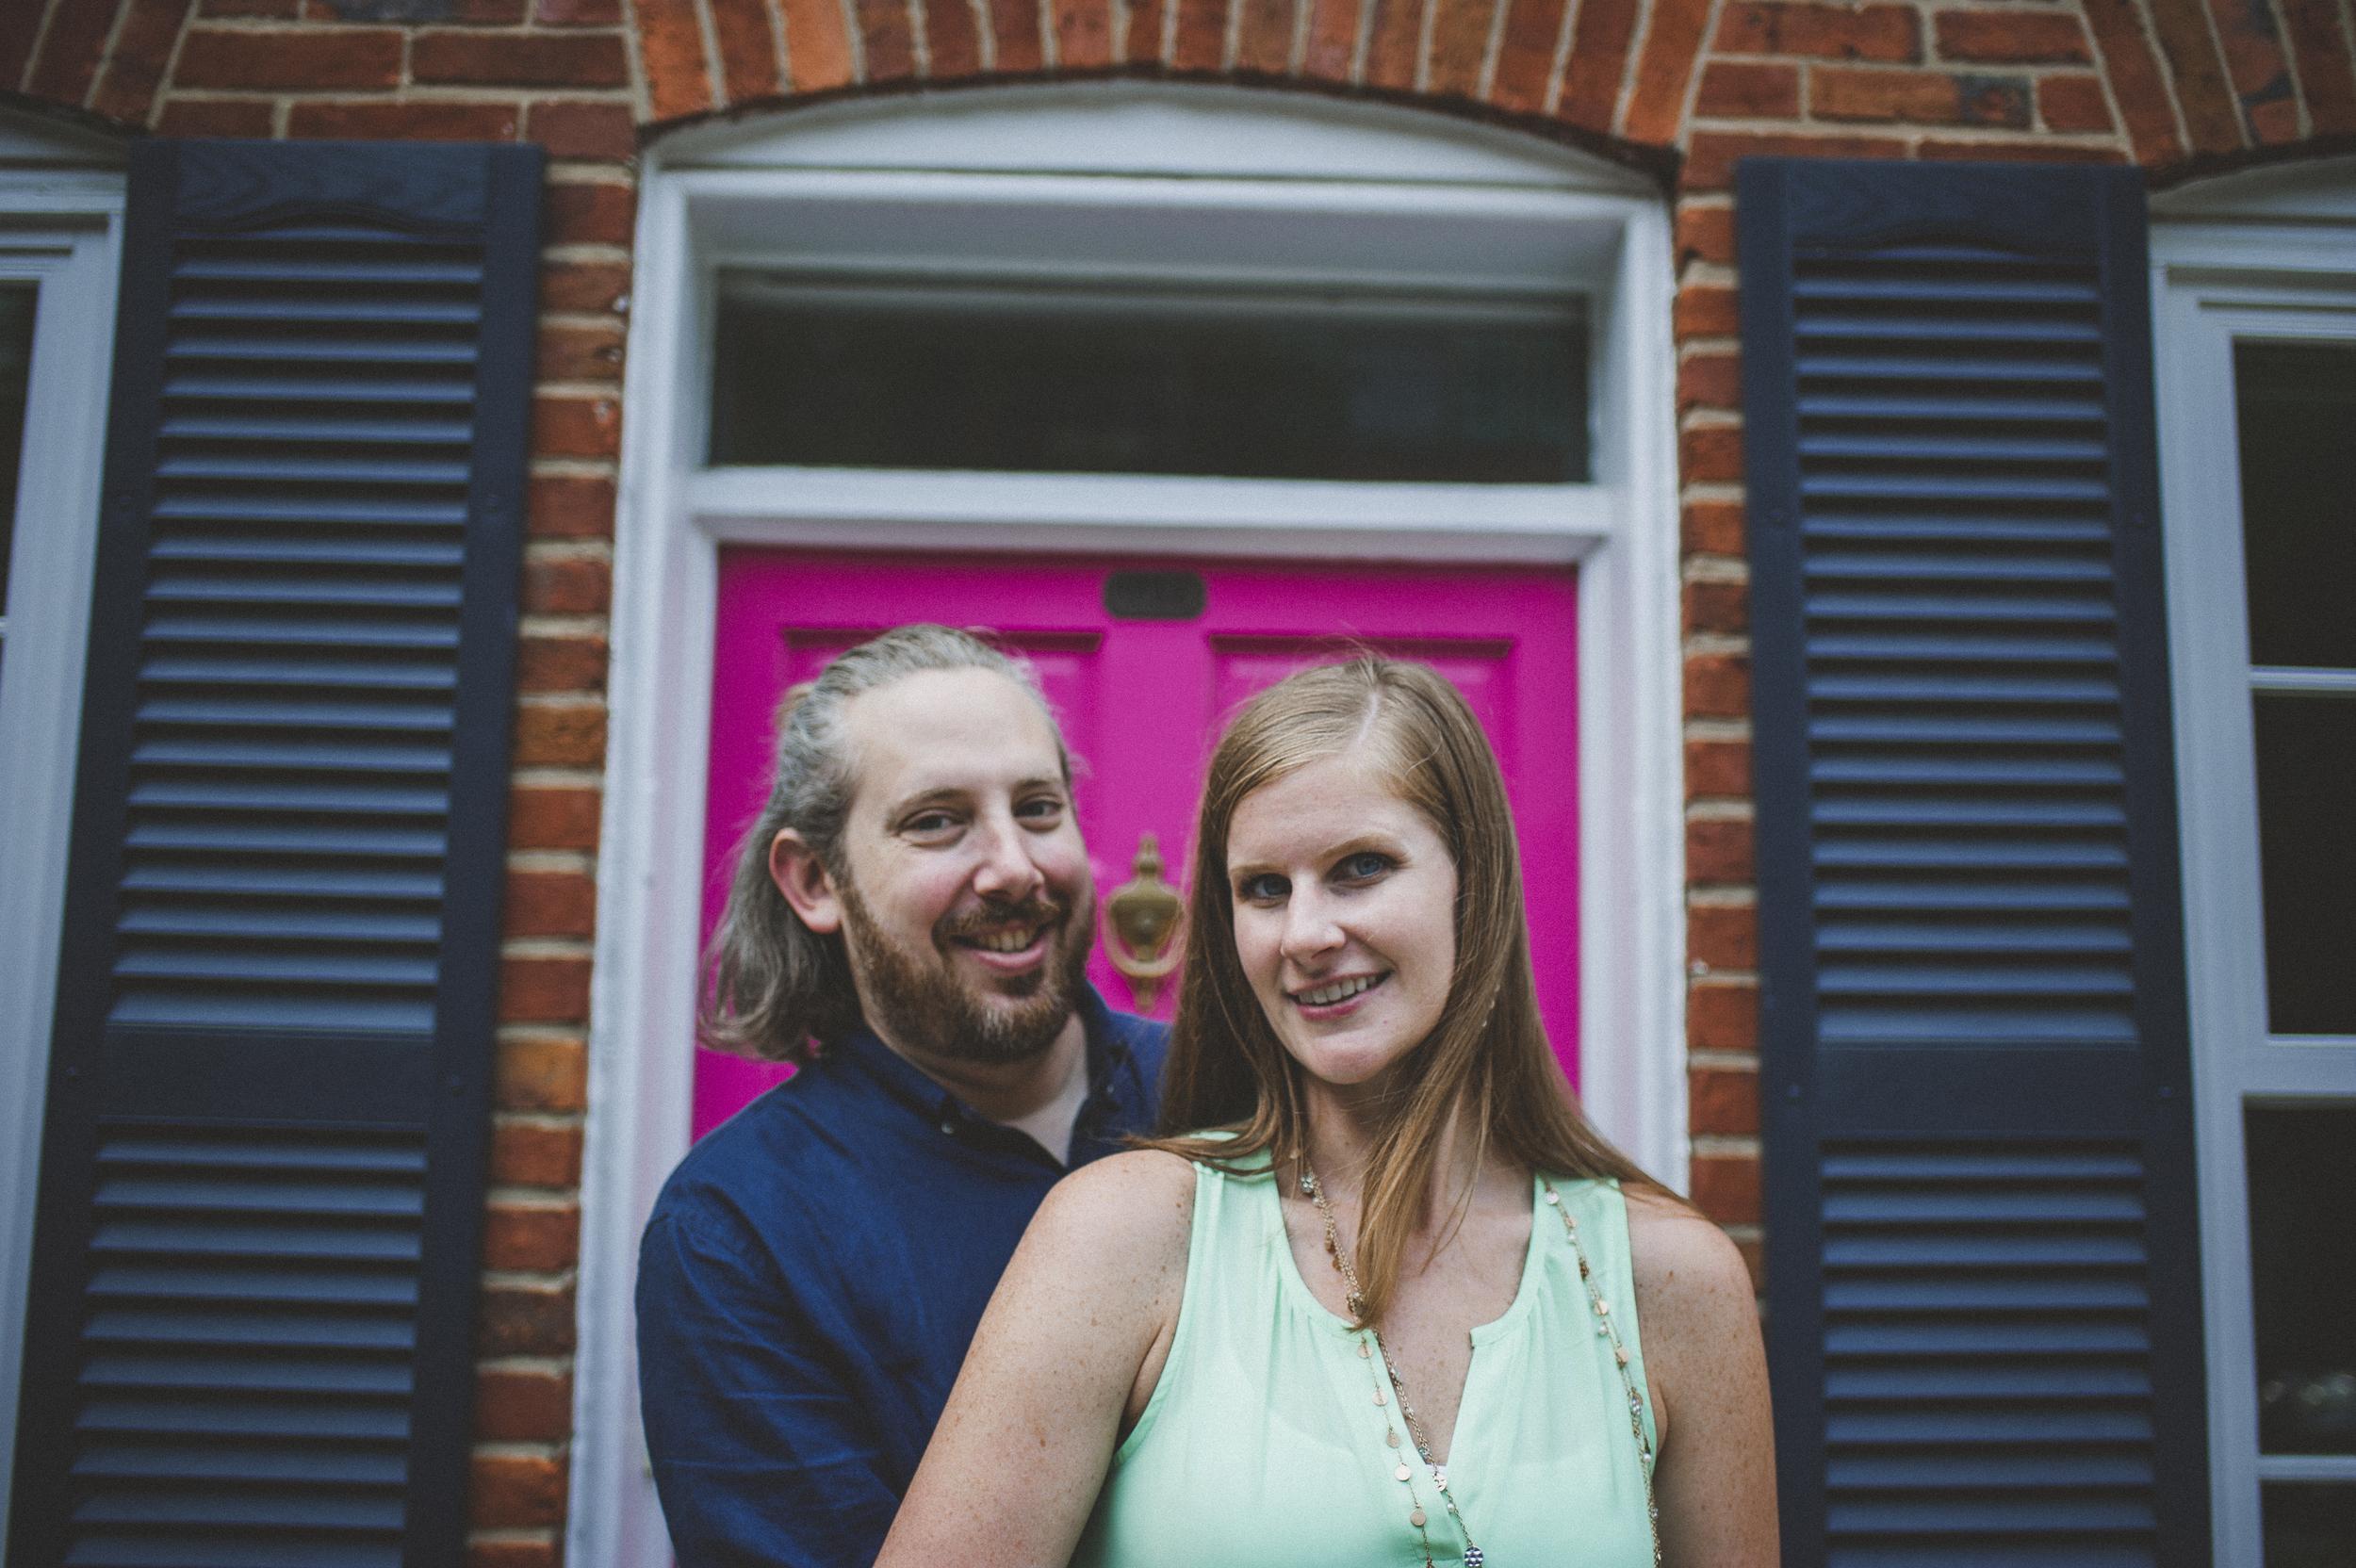 Viva_Love_Philadelphia_Baltimore_Wedding_Photographer_-1042.jpg